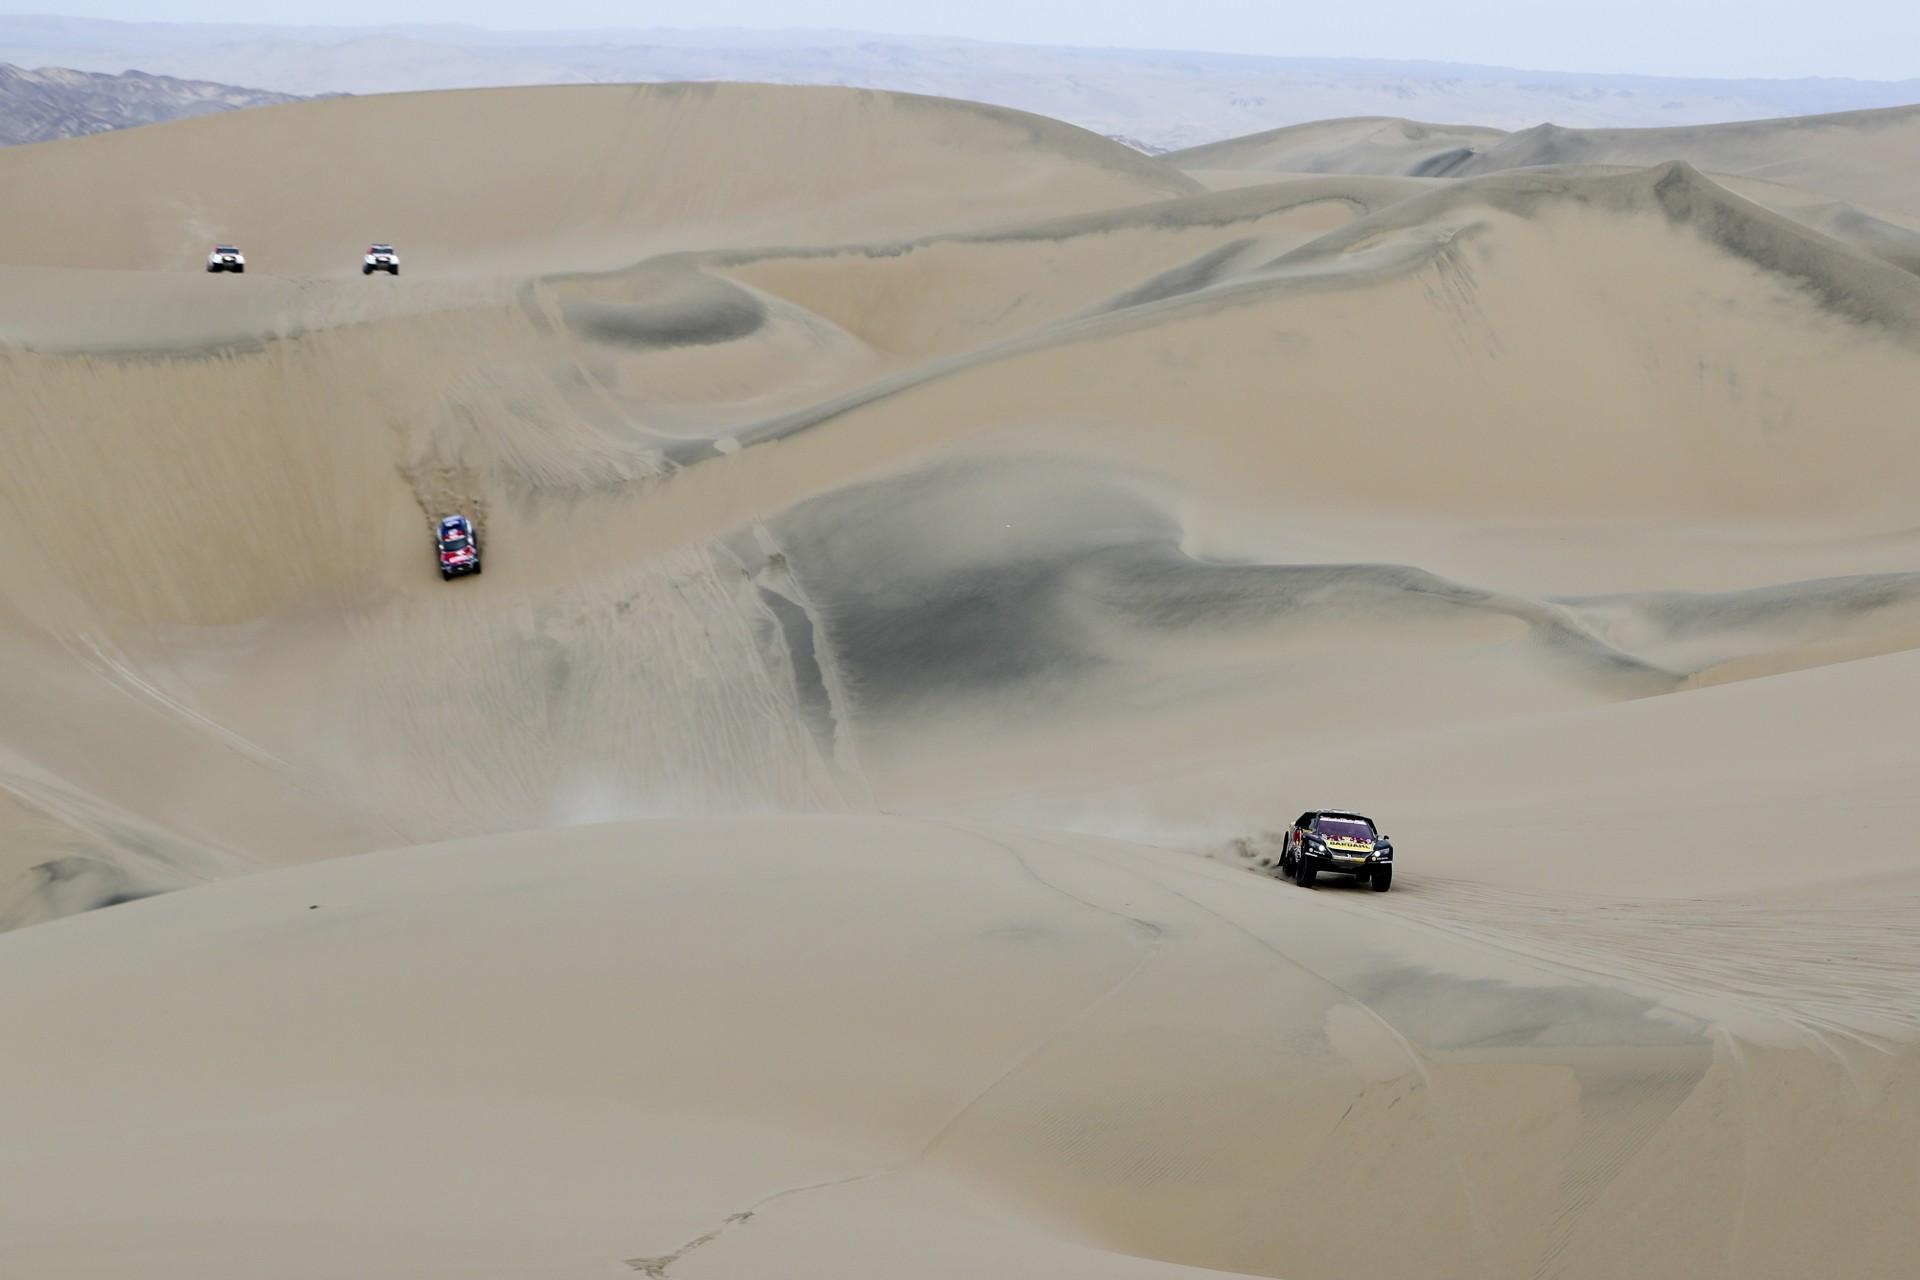 El piloto Sebastien Loeb, de Francia, y su copiloto, Daniel Elena, de Mónaco, compiten con sus Peugeot durante la etapa nueve del Rally Dakar en Pisco, Perú, el miércoles 16 de enero de 2019.